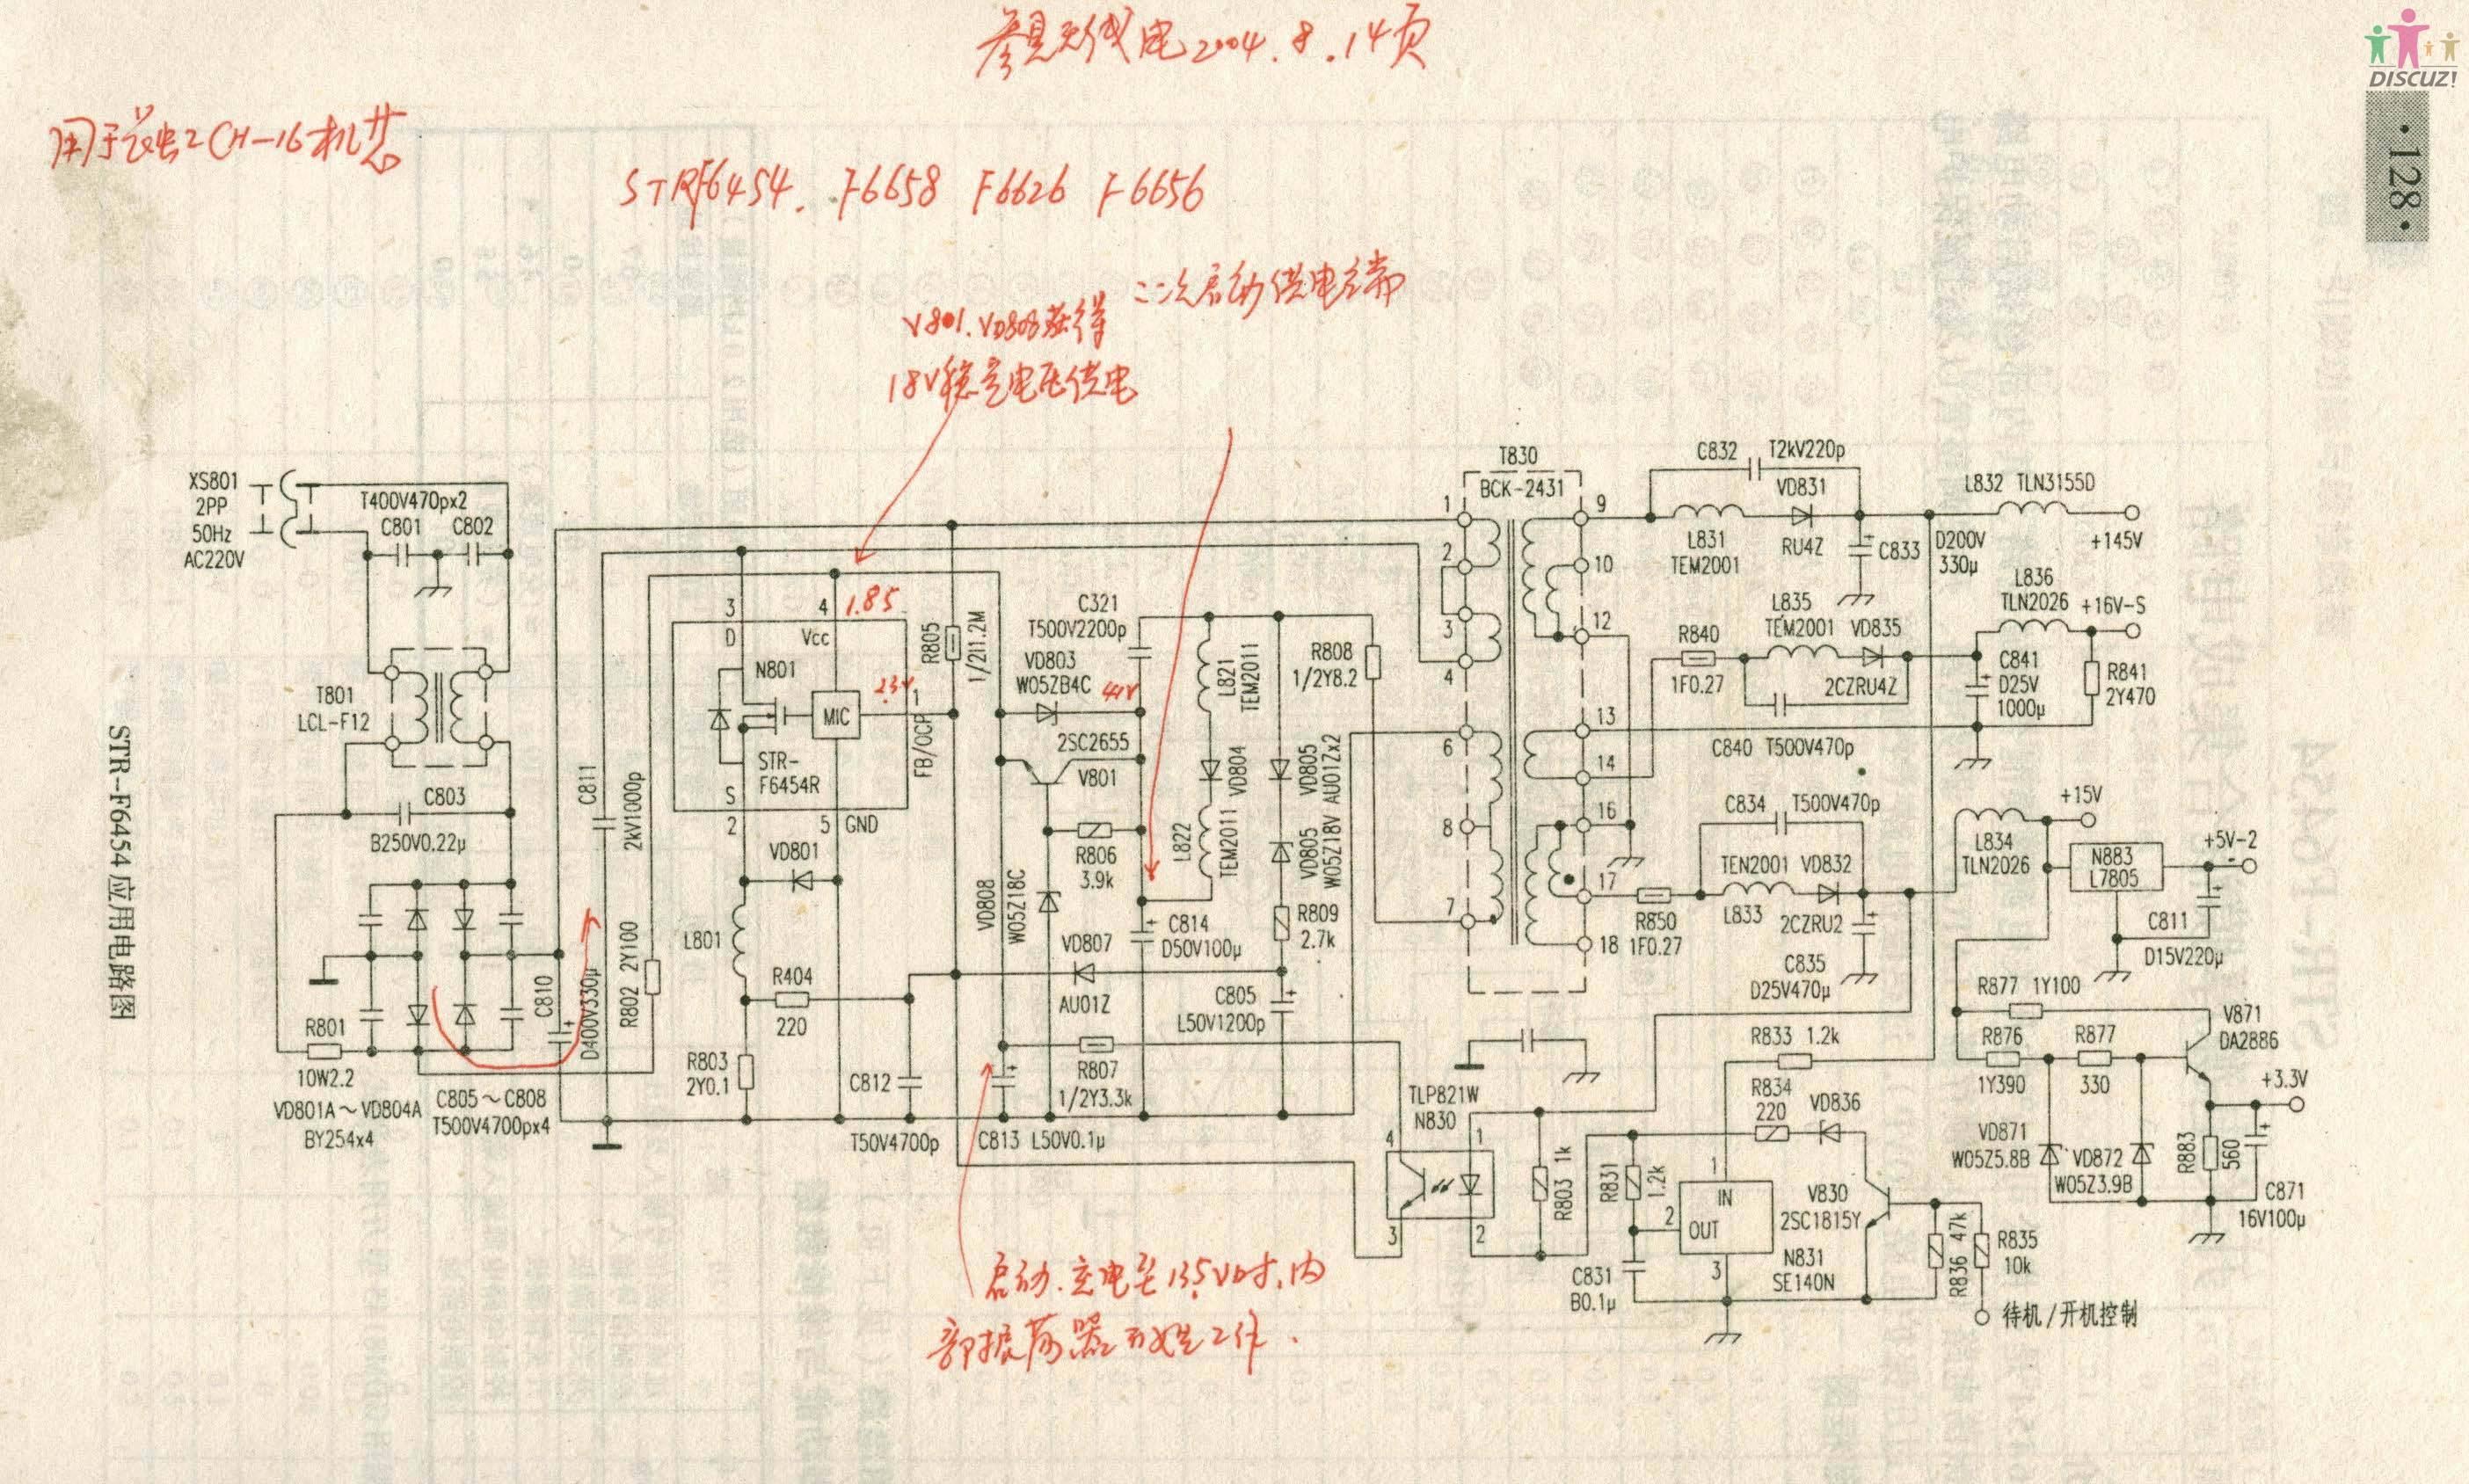 长虹sf2998,电源块strf6454换新后不启振